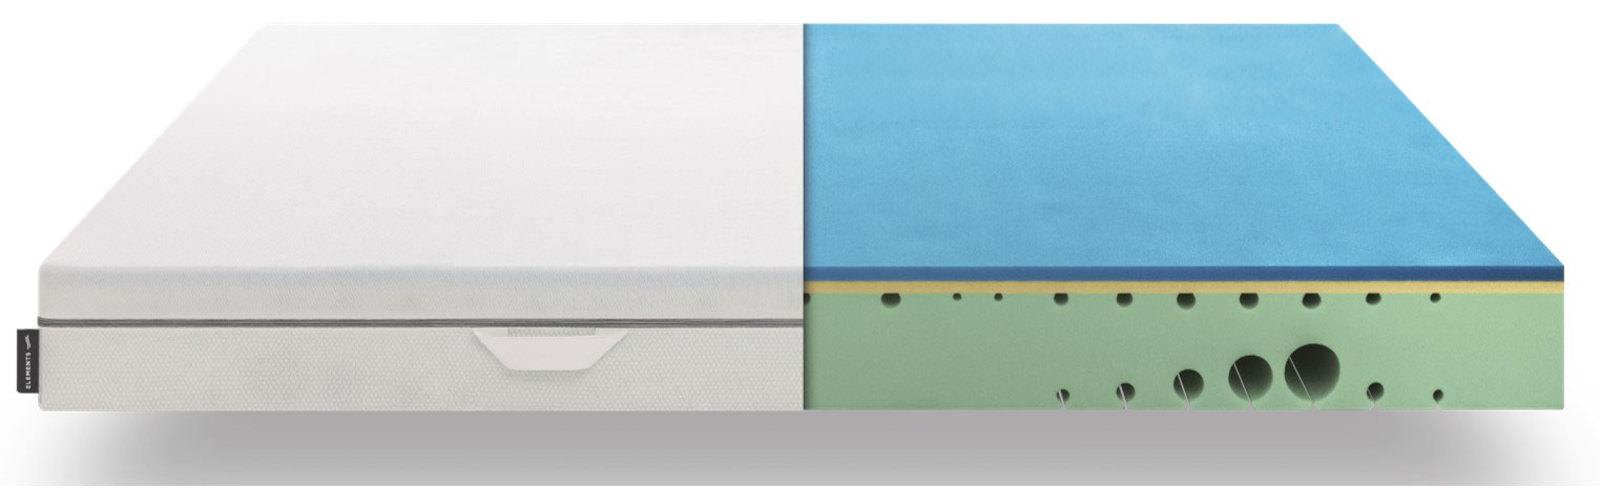 Fantastisch Matratzen Dunlopillo Galerie Von Matratze Dekoration